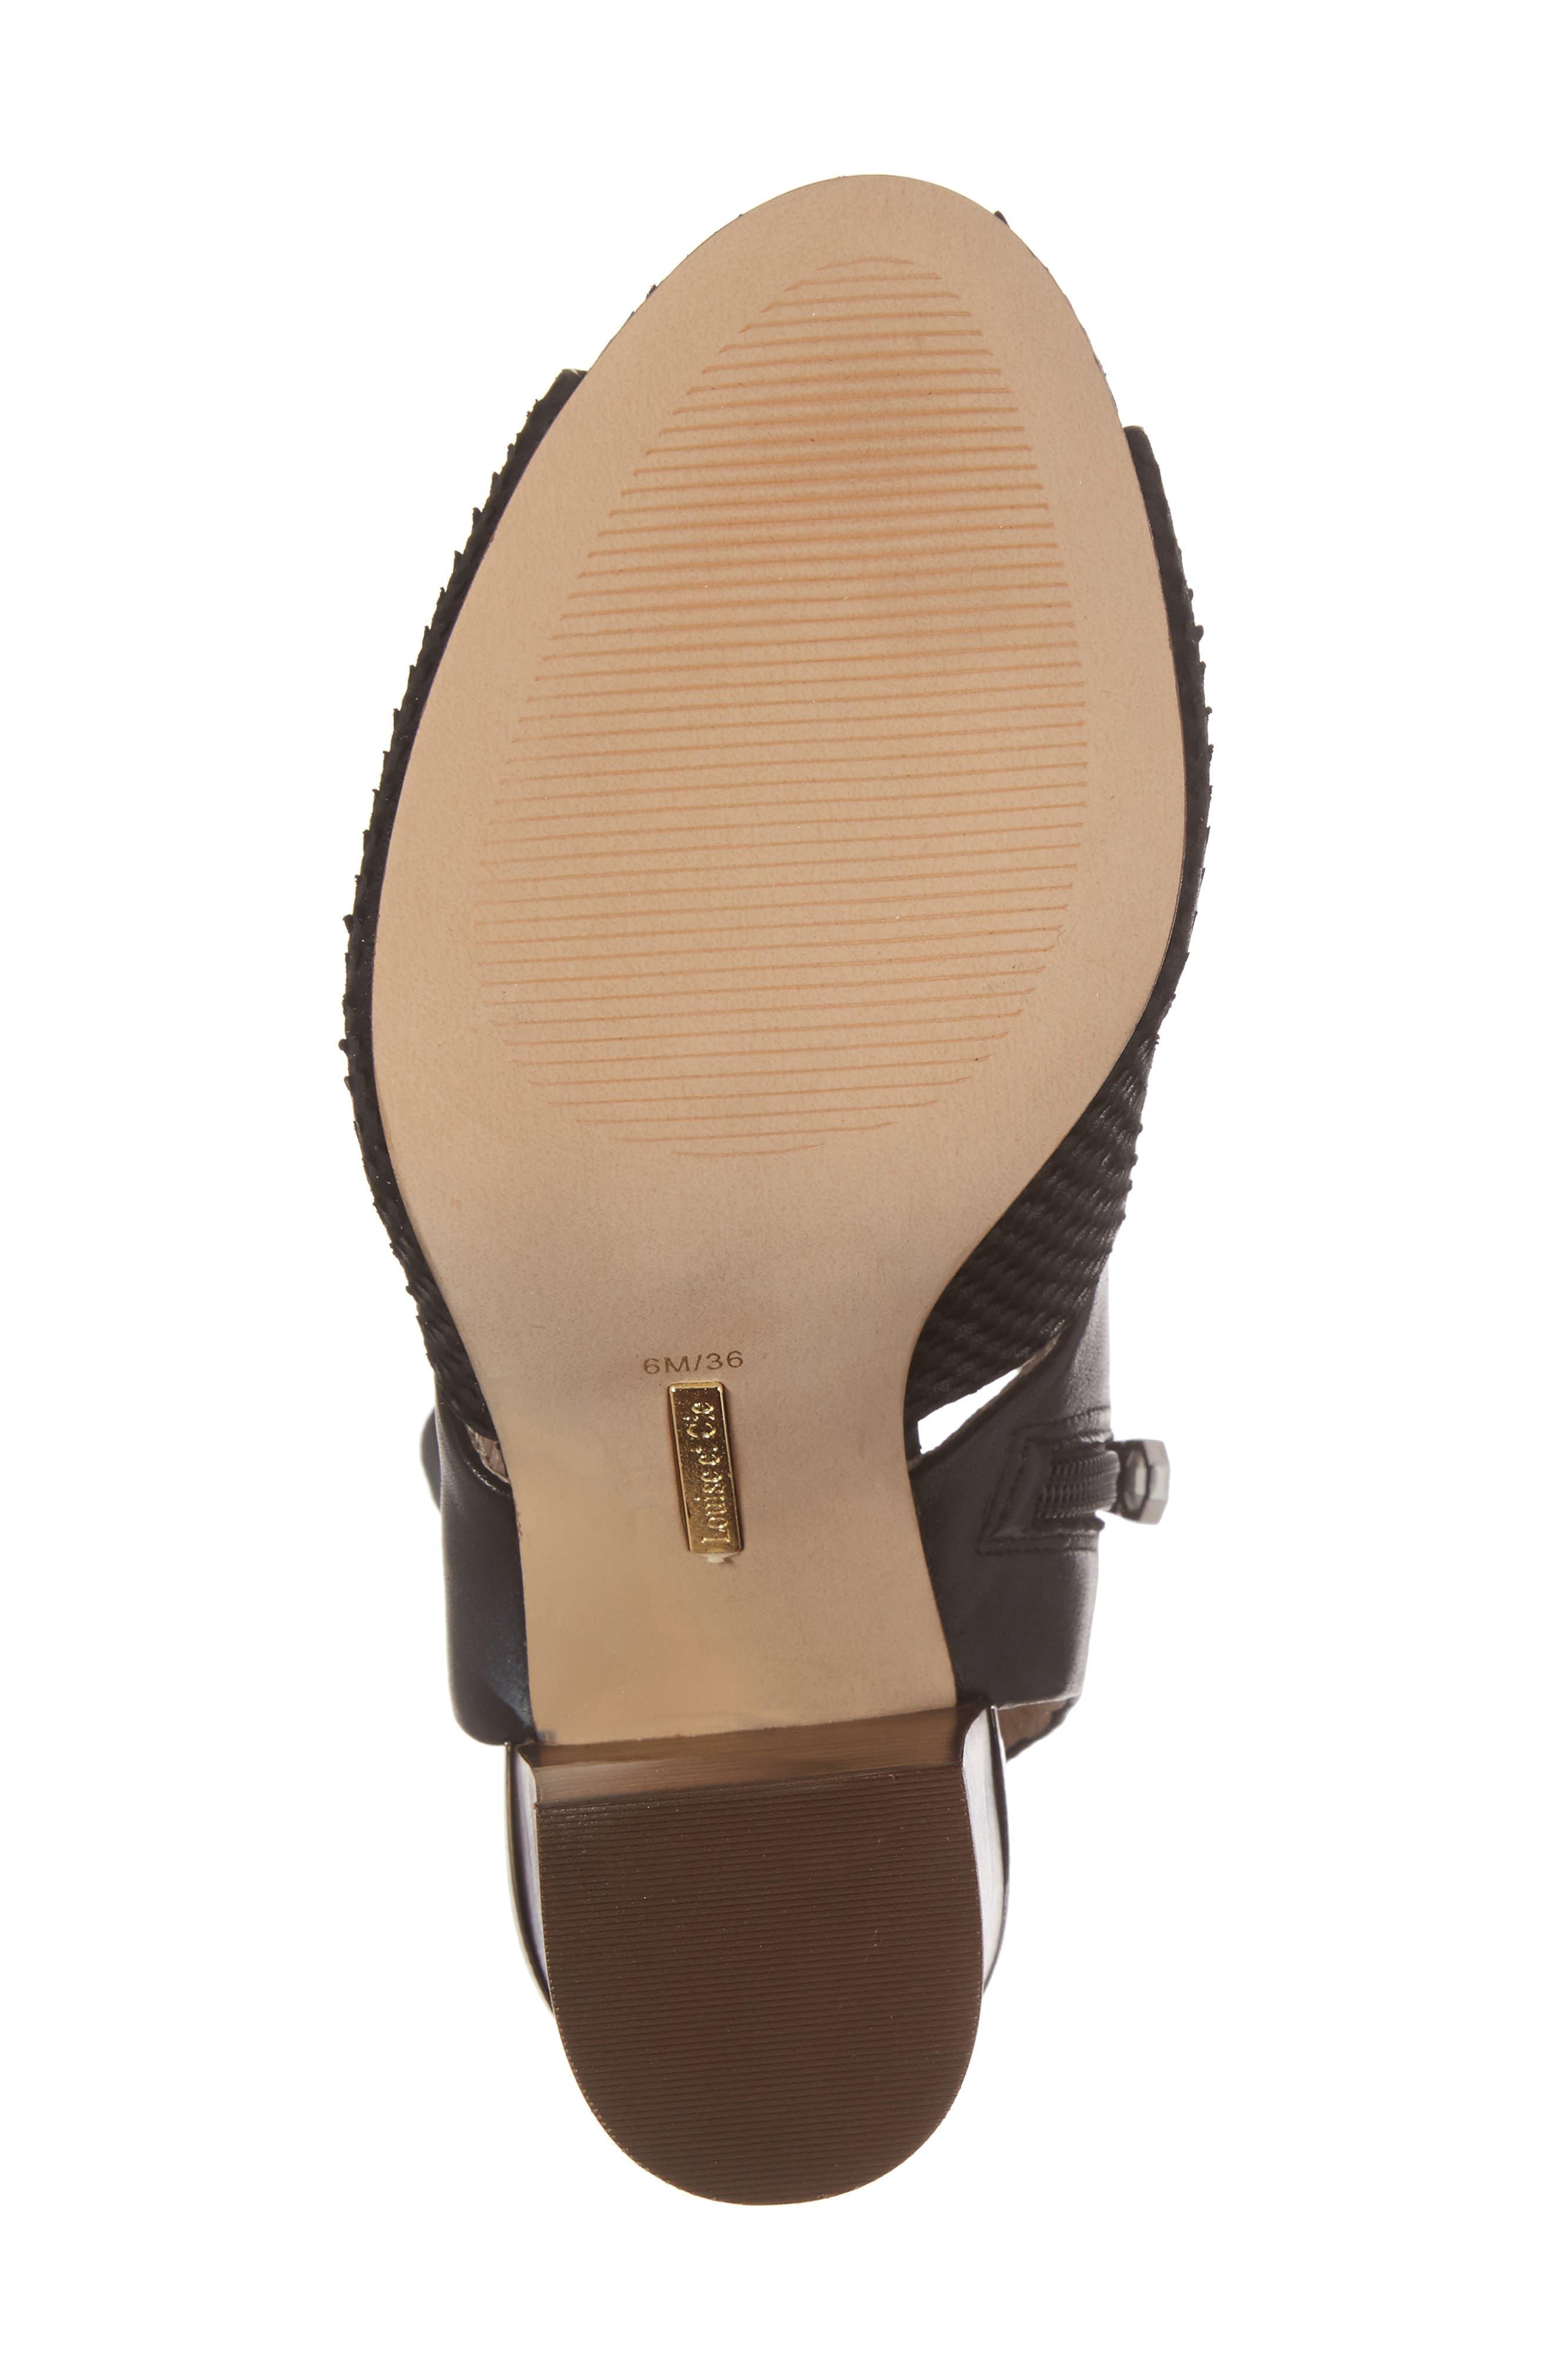 Louise et Cit Katlin Block Heel Sandal,                             Alternate thumbnail 6, color,                             001